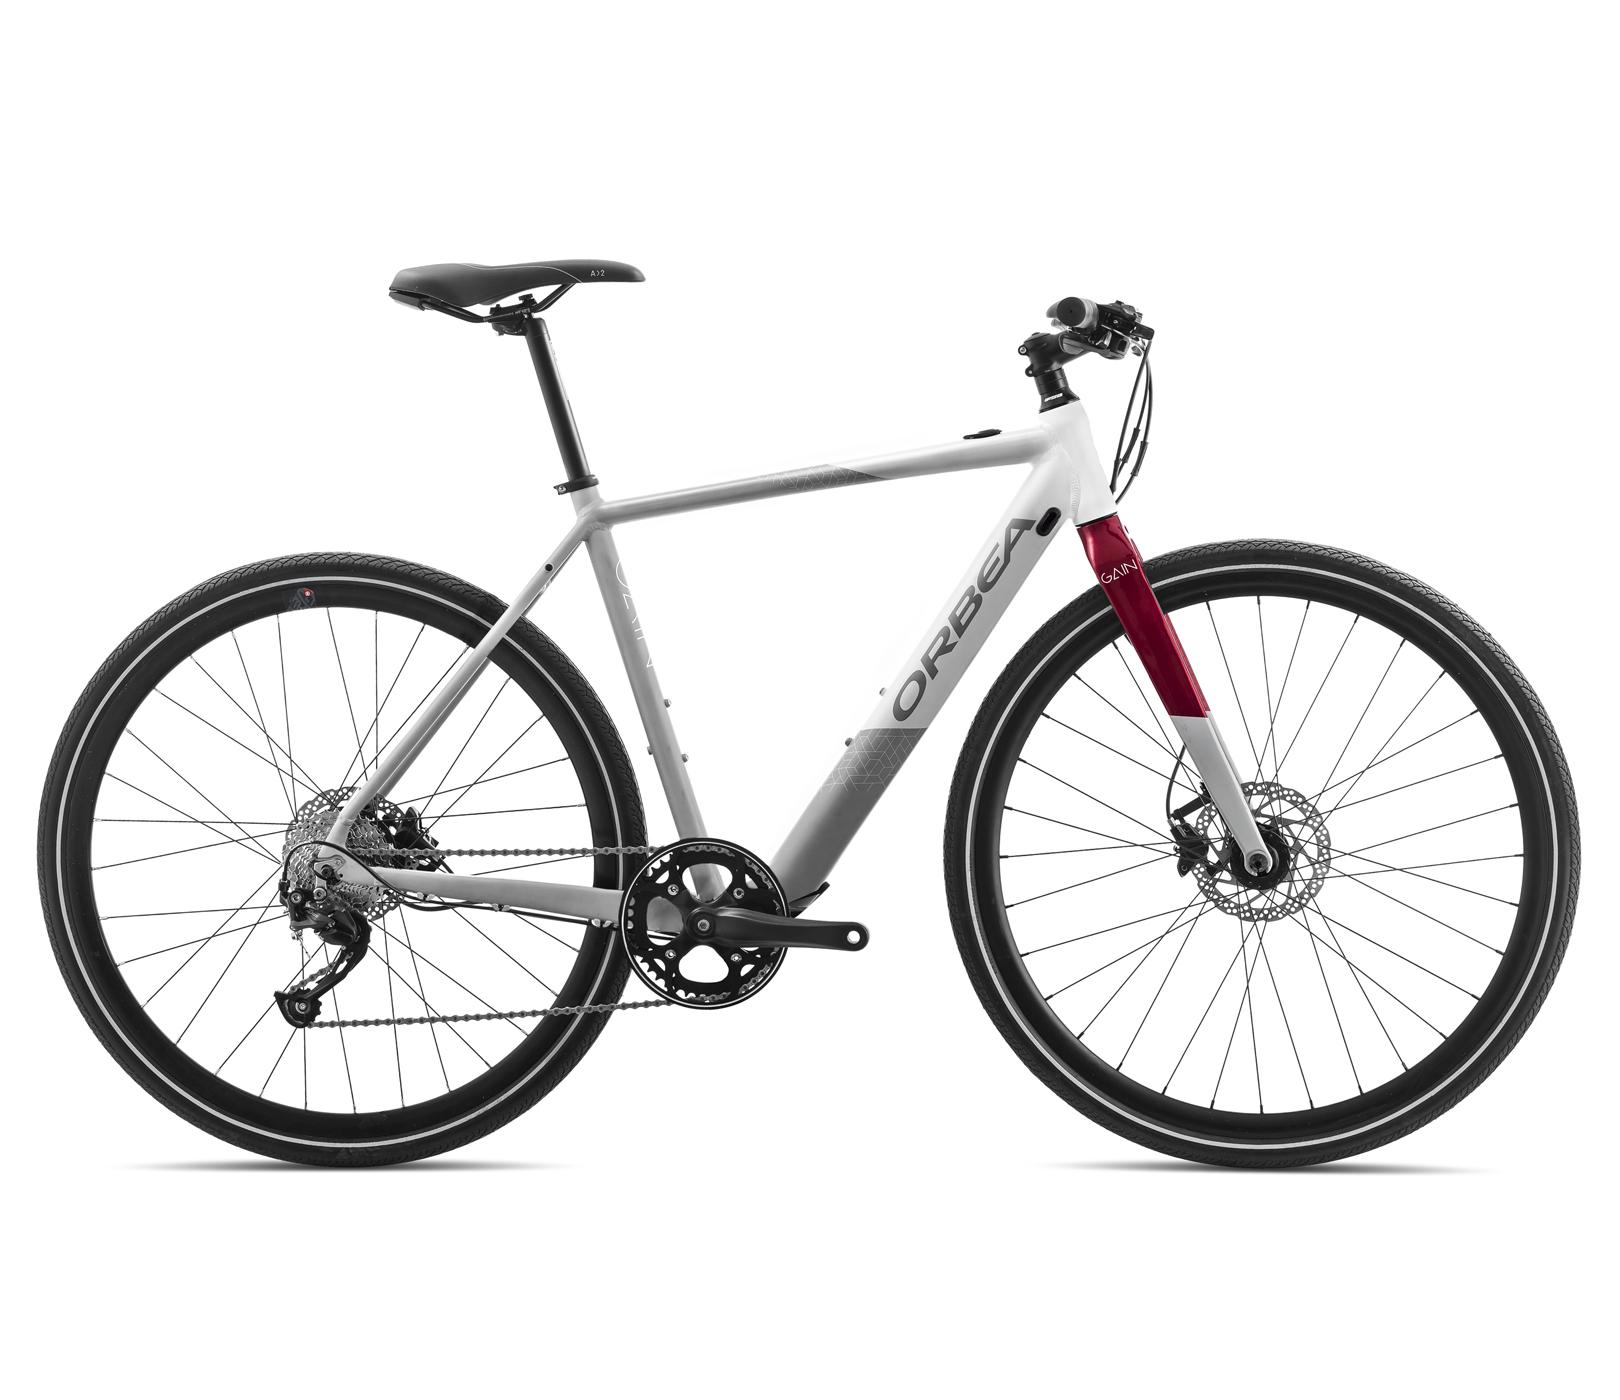 166624b0224abc Orbea E-Bike Gain F40 Speedbike